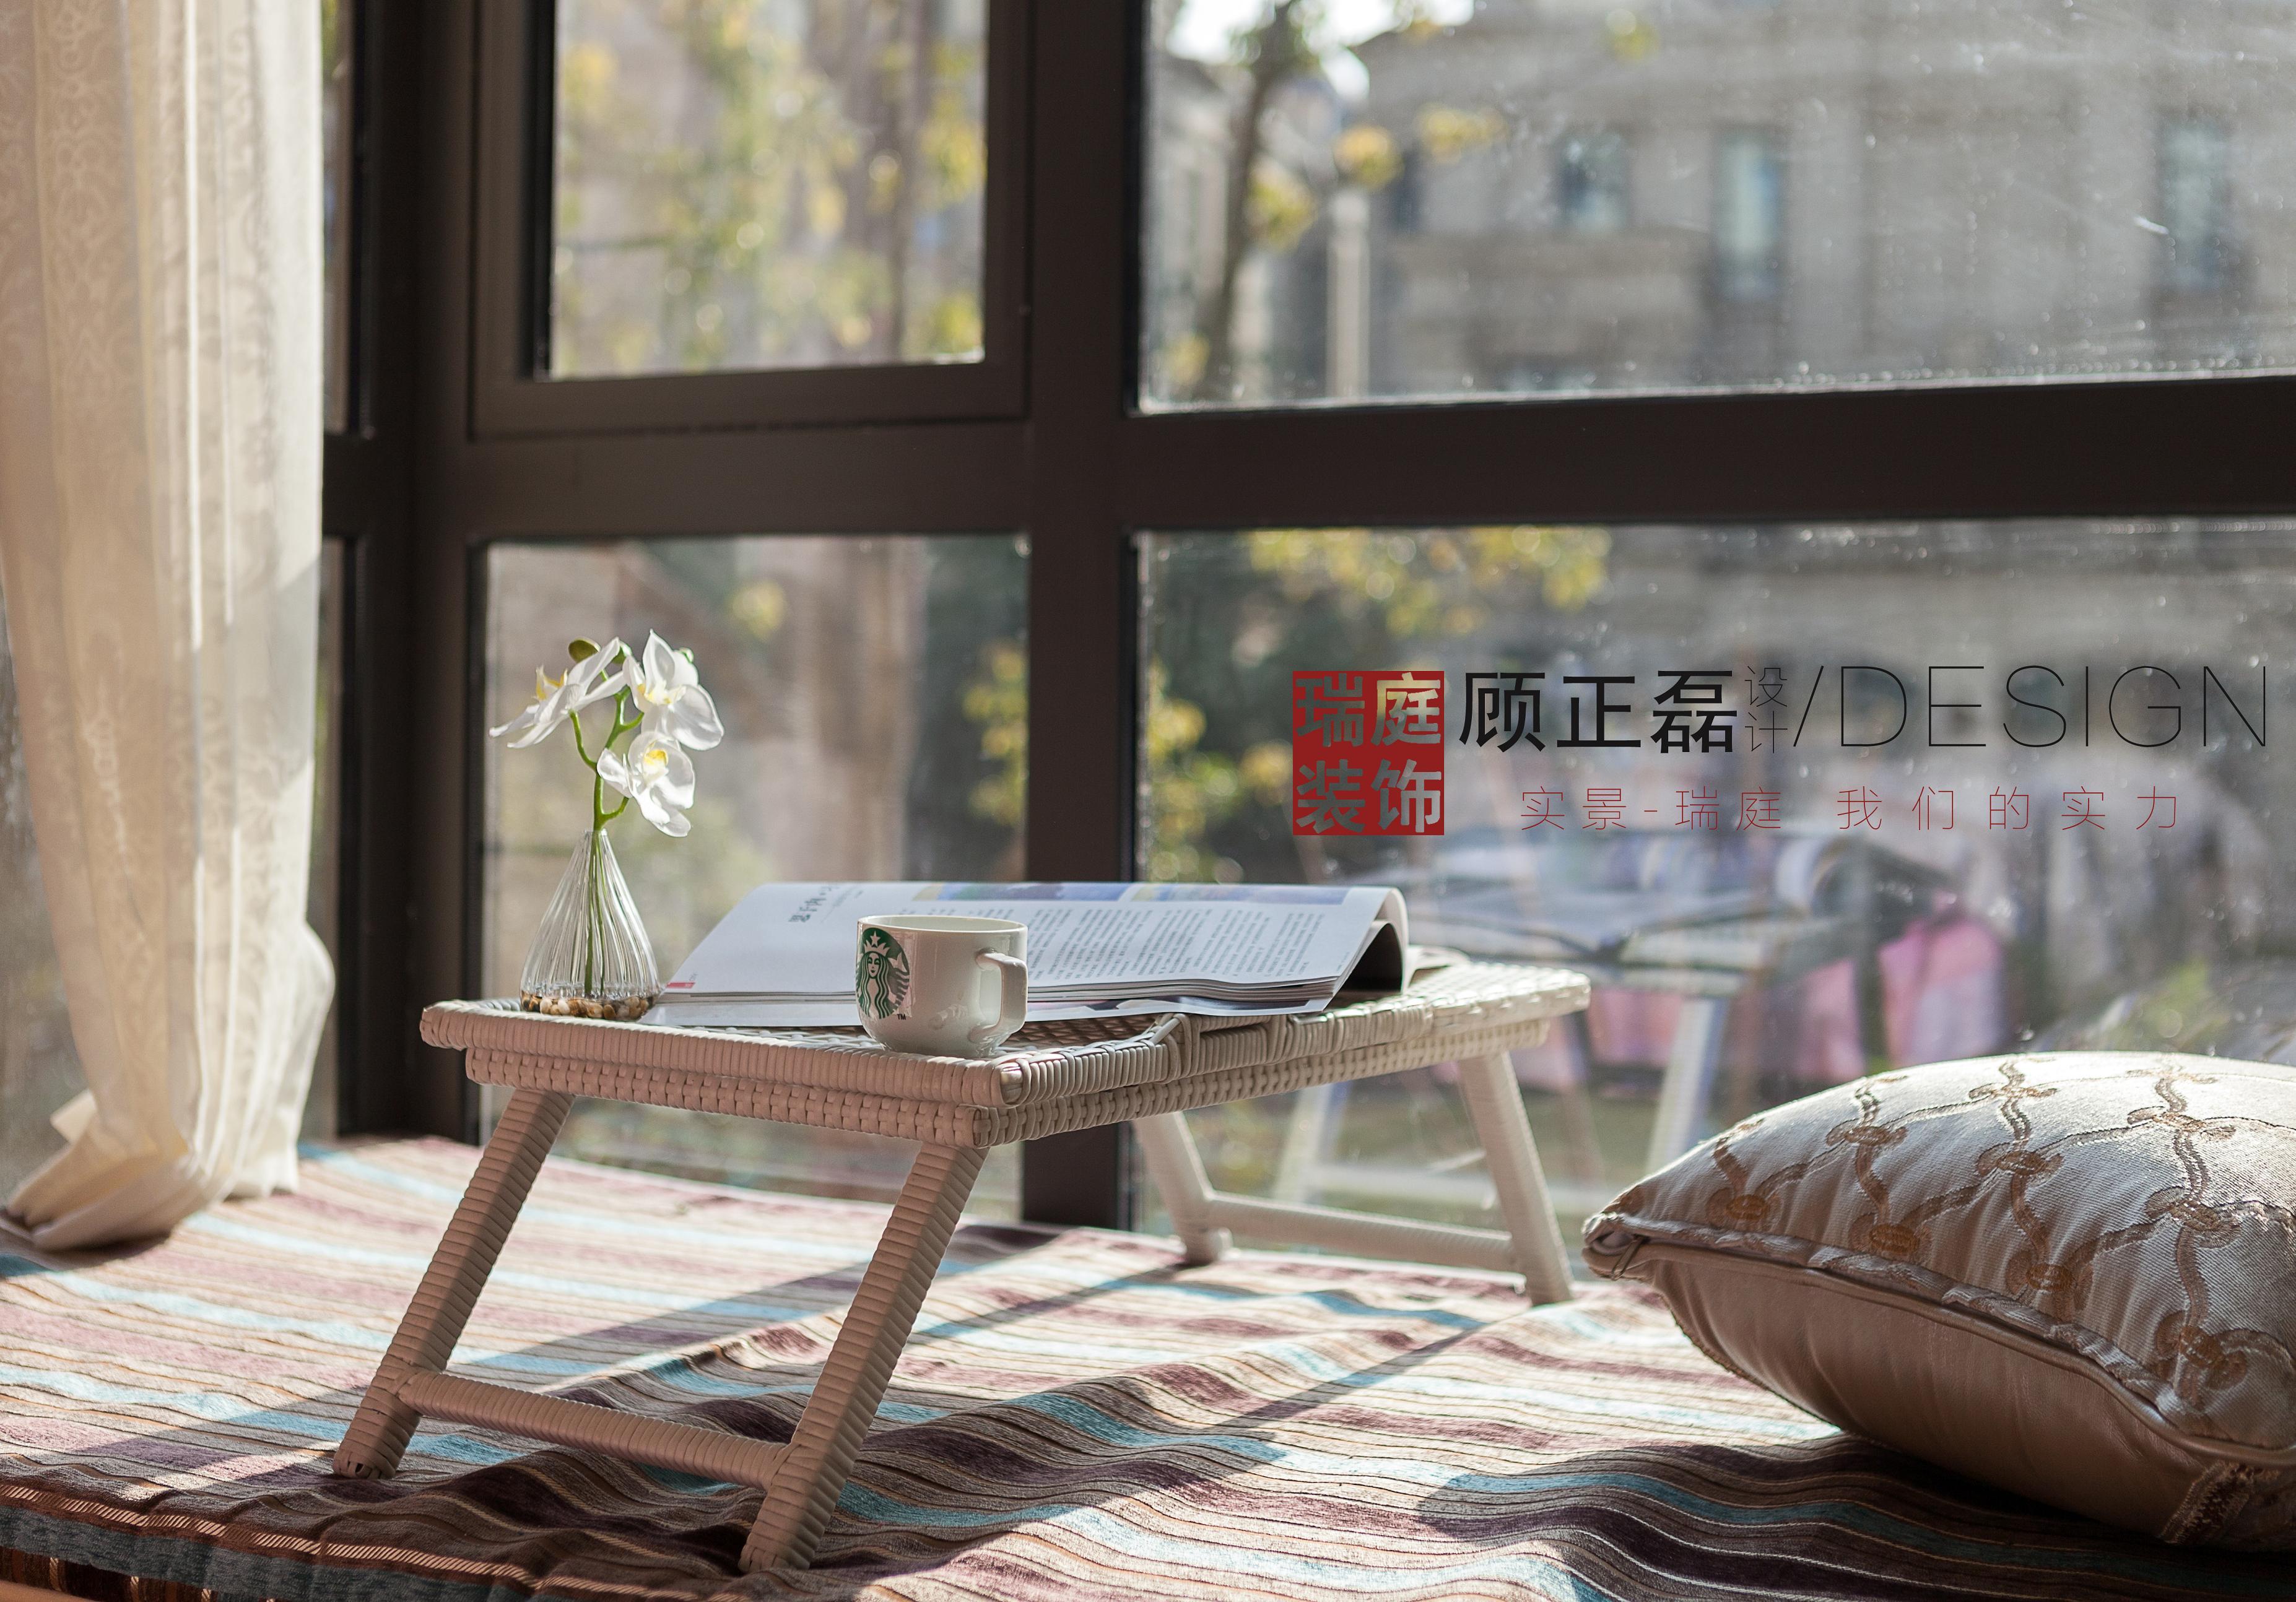 【瑞庭装饰】香榭丽墅—欧式风★顾正磊设计2016年